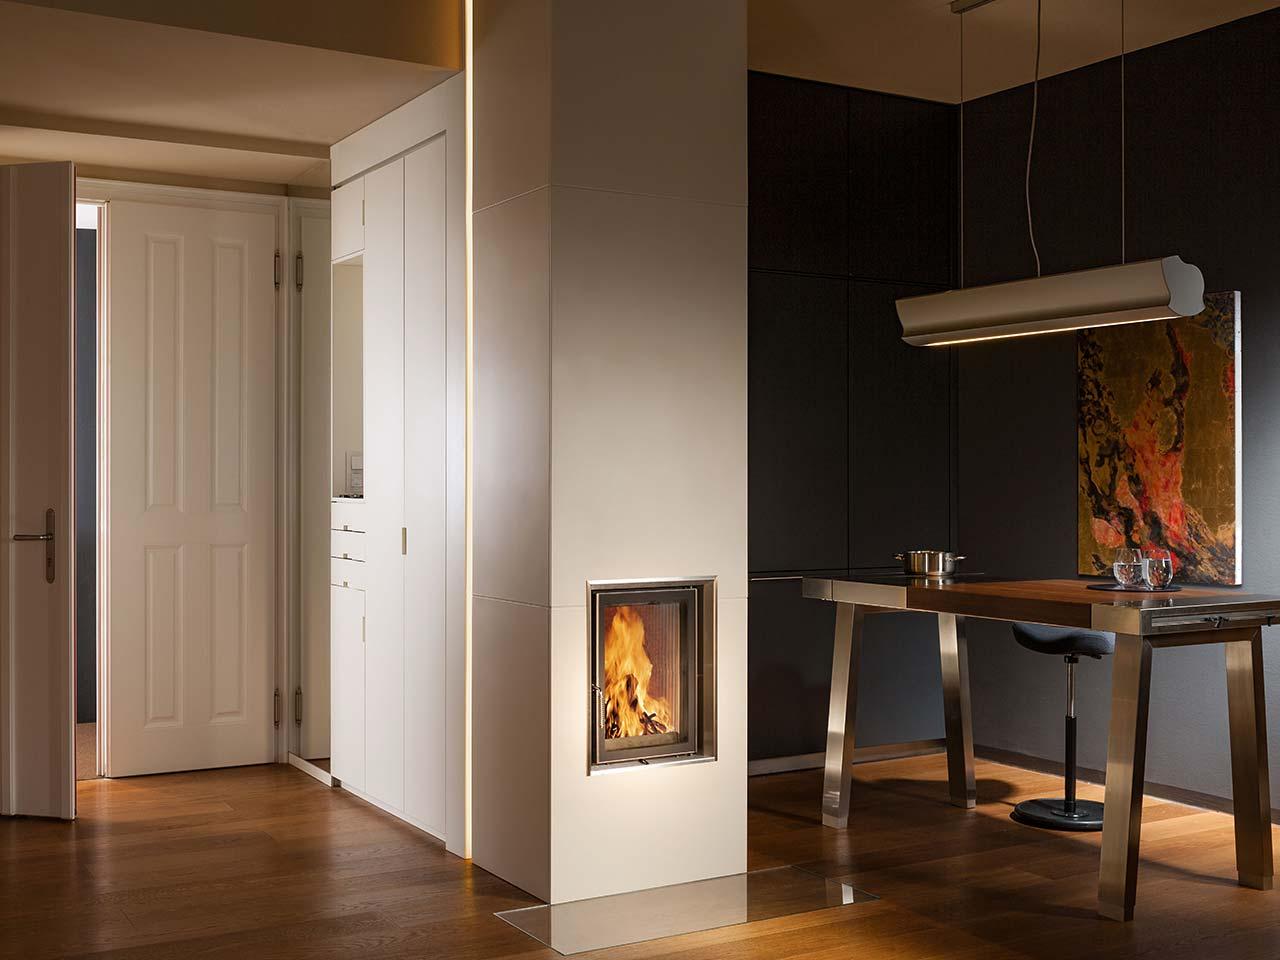 Moderner und eleganter quadratischer Kachelofen mit hellen Kacheln. Foto: Sommerhuber